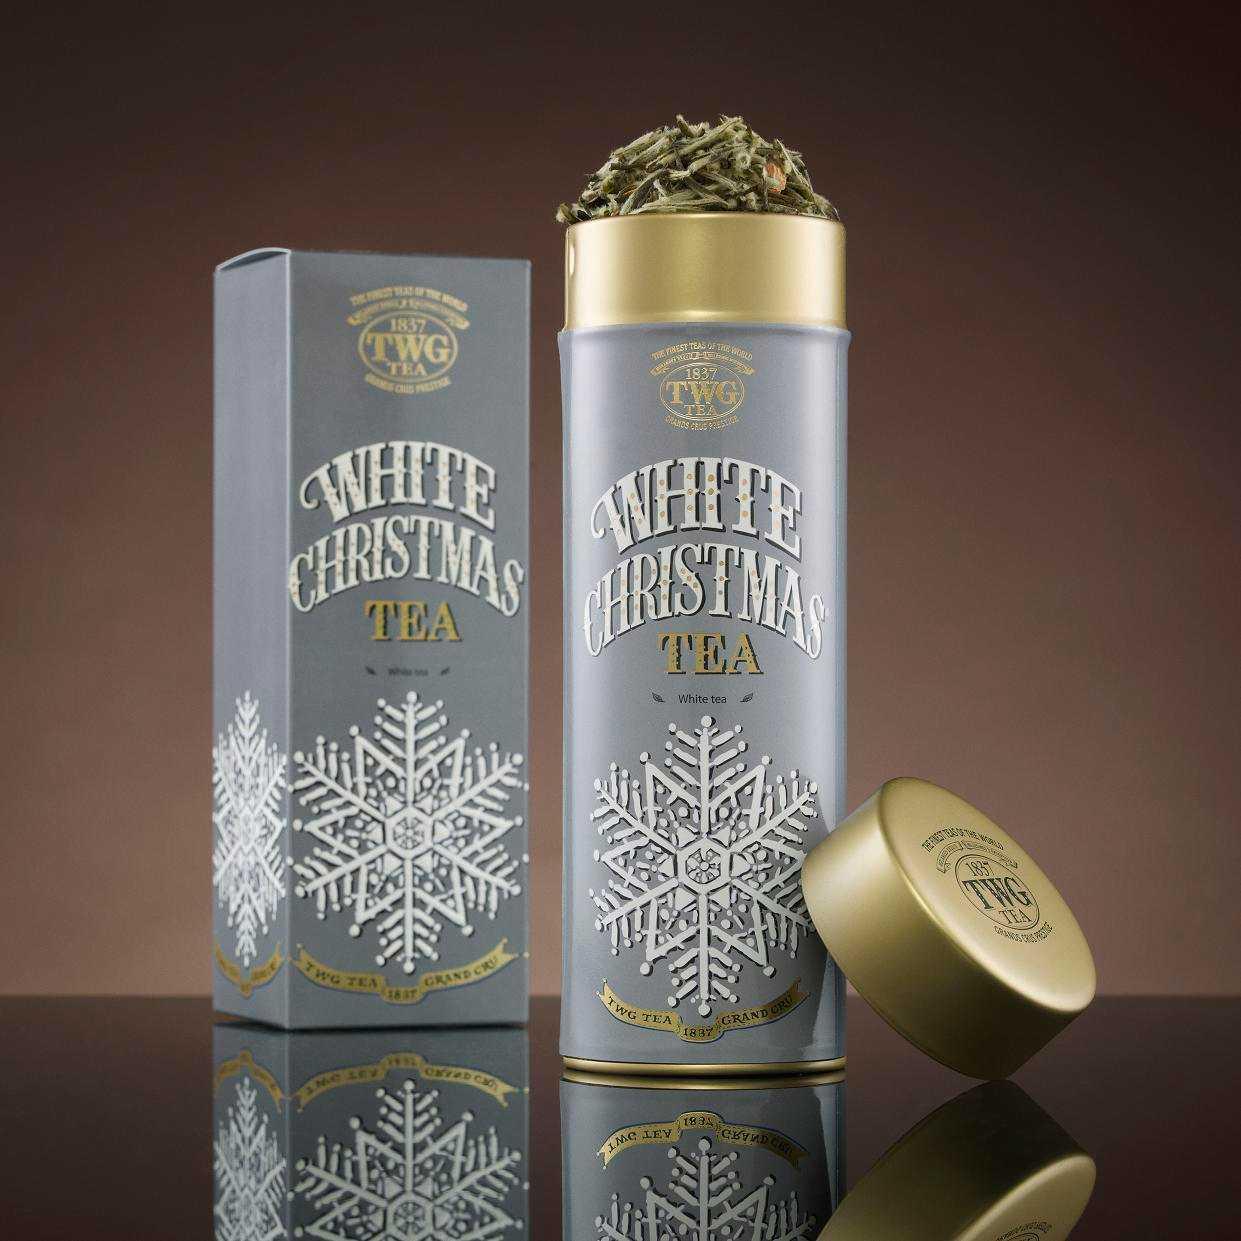 TWG-Tea-White-Christmas-Haute-Couture-Tea-s-compressed